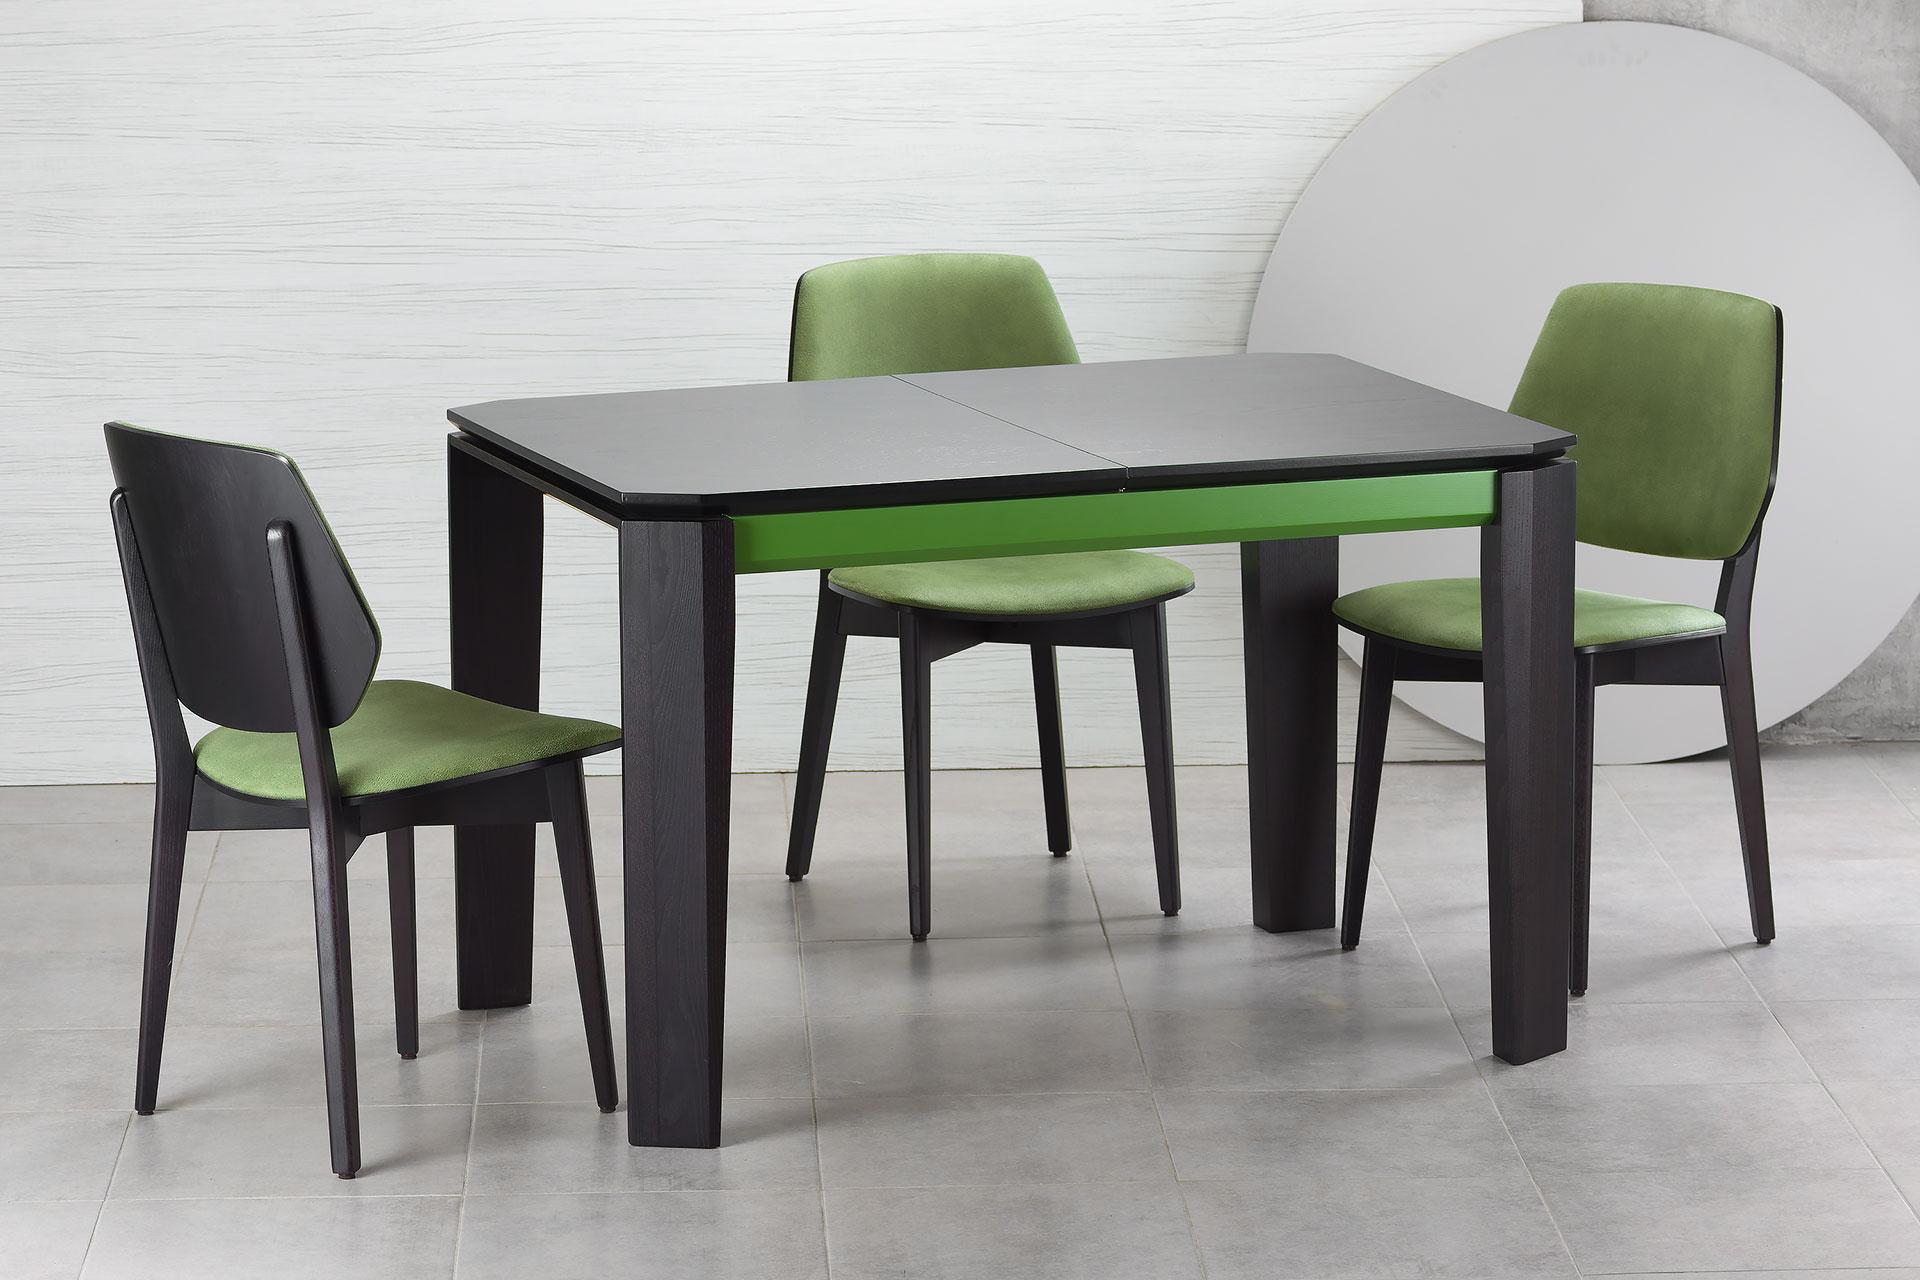 """Раскладной кухонный стол """"Варгас"""" черно-зеленый (столешница шпонированная) с твердого дерева и стул 03В, черный каркас с зеленой мягкой спинкой и сиденьем со штучной замши Exim Mustang Light Green (на сером фоне)"""